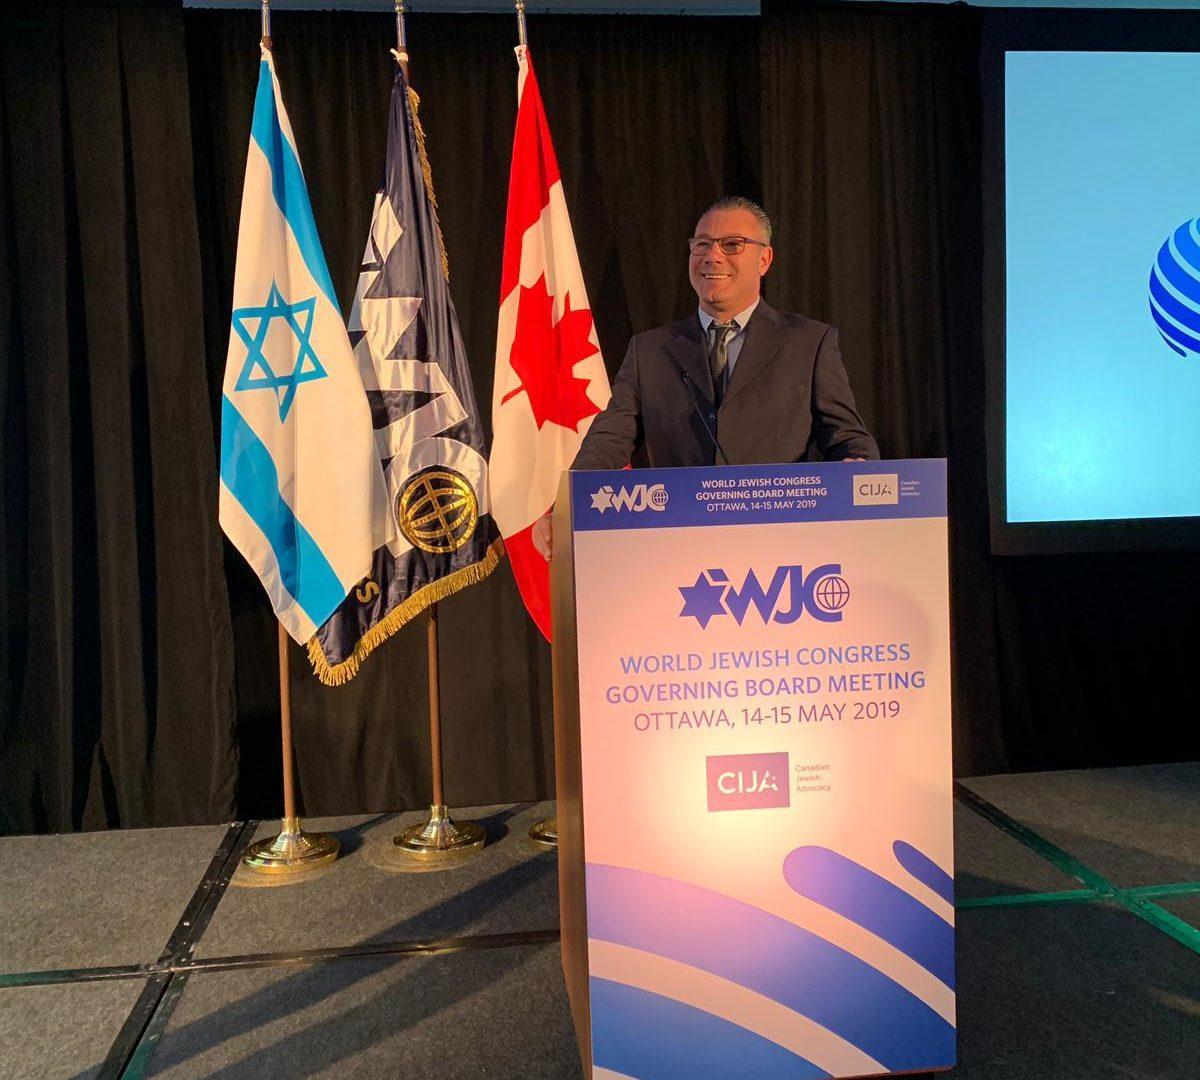 """מנכ""""ל העירייה ליאור טרגן בכנס של הקונגרס היהודי בקנדה"""